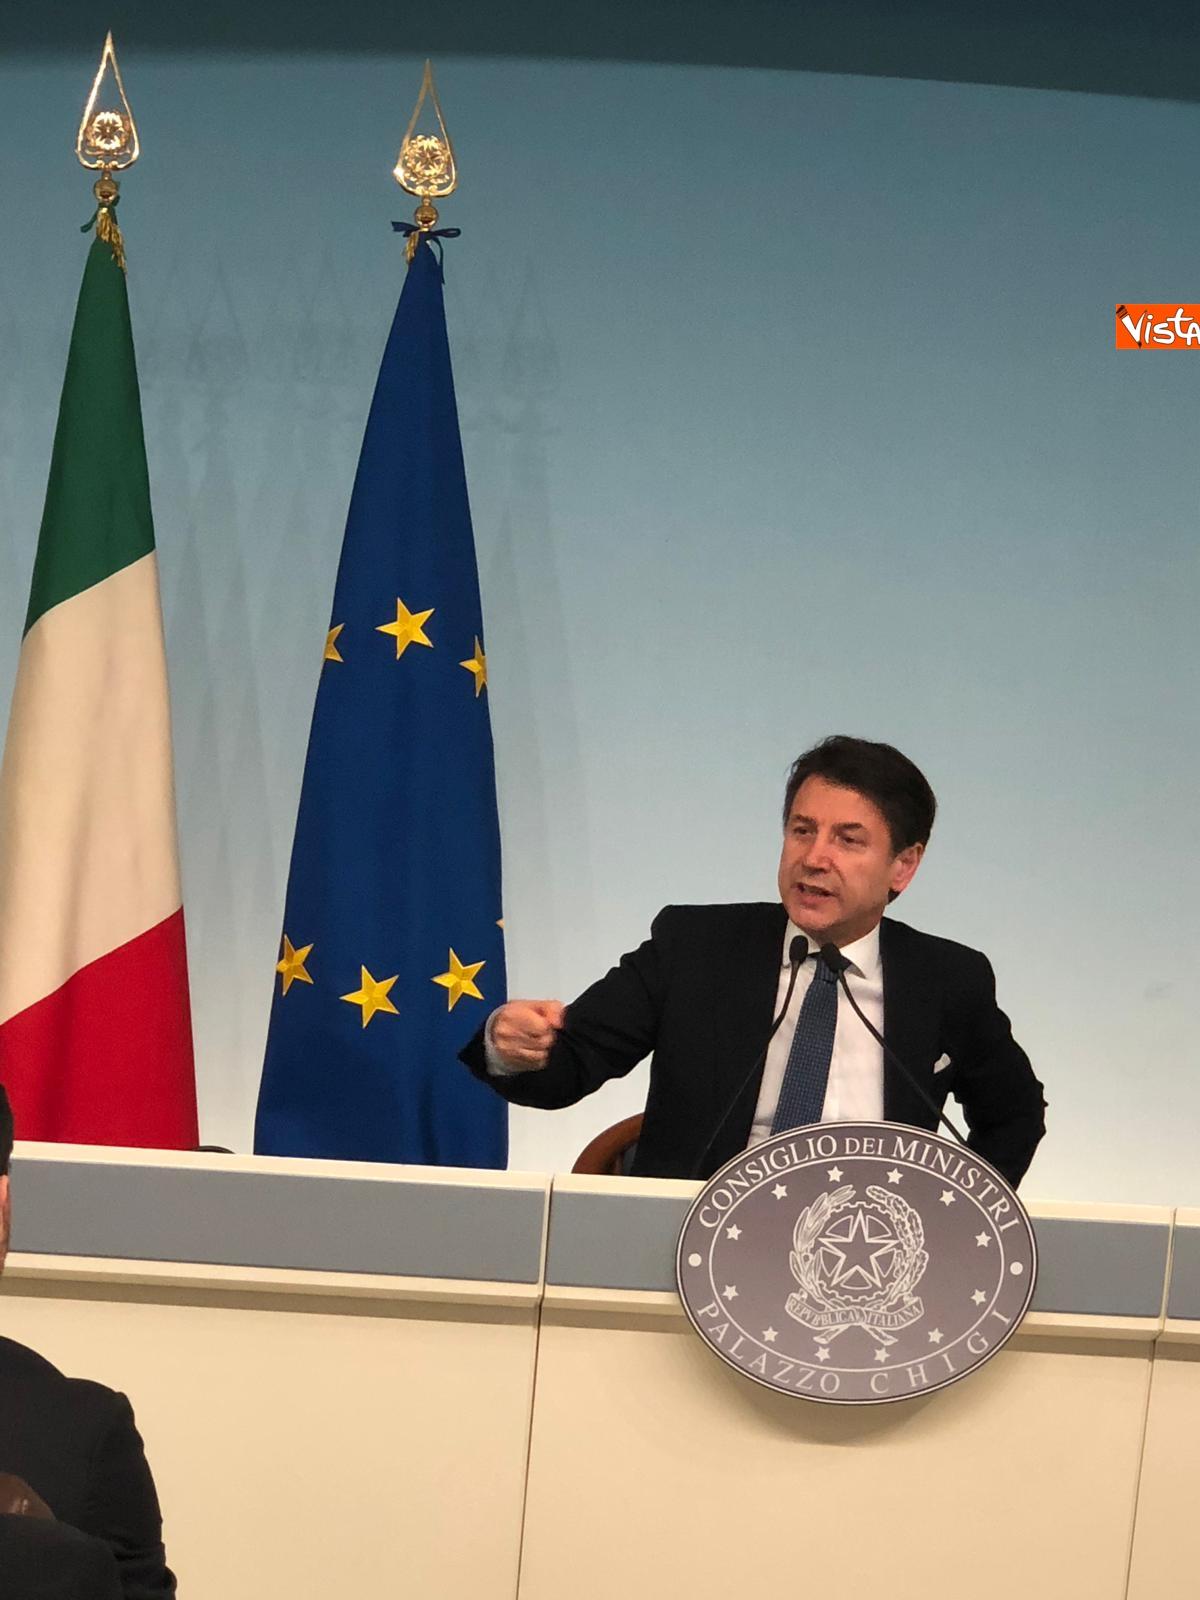 07-03-19 Tav Conte in conferenza stampa a Palazzo Chigi immagini_07